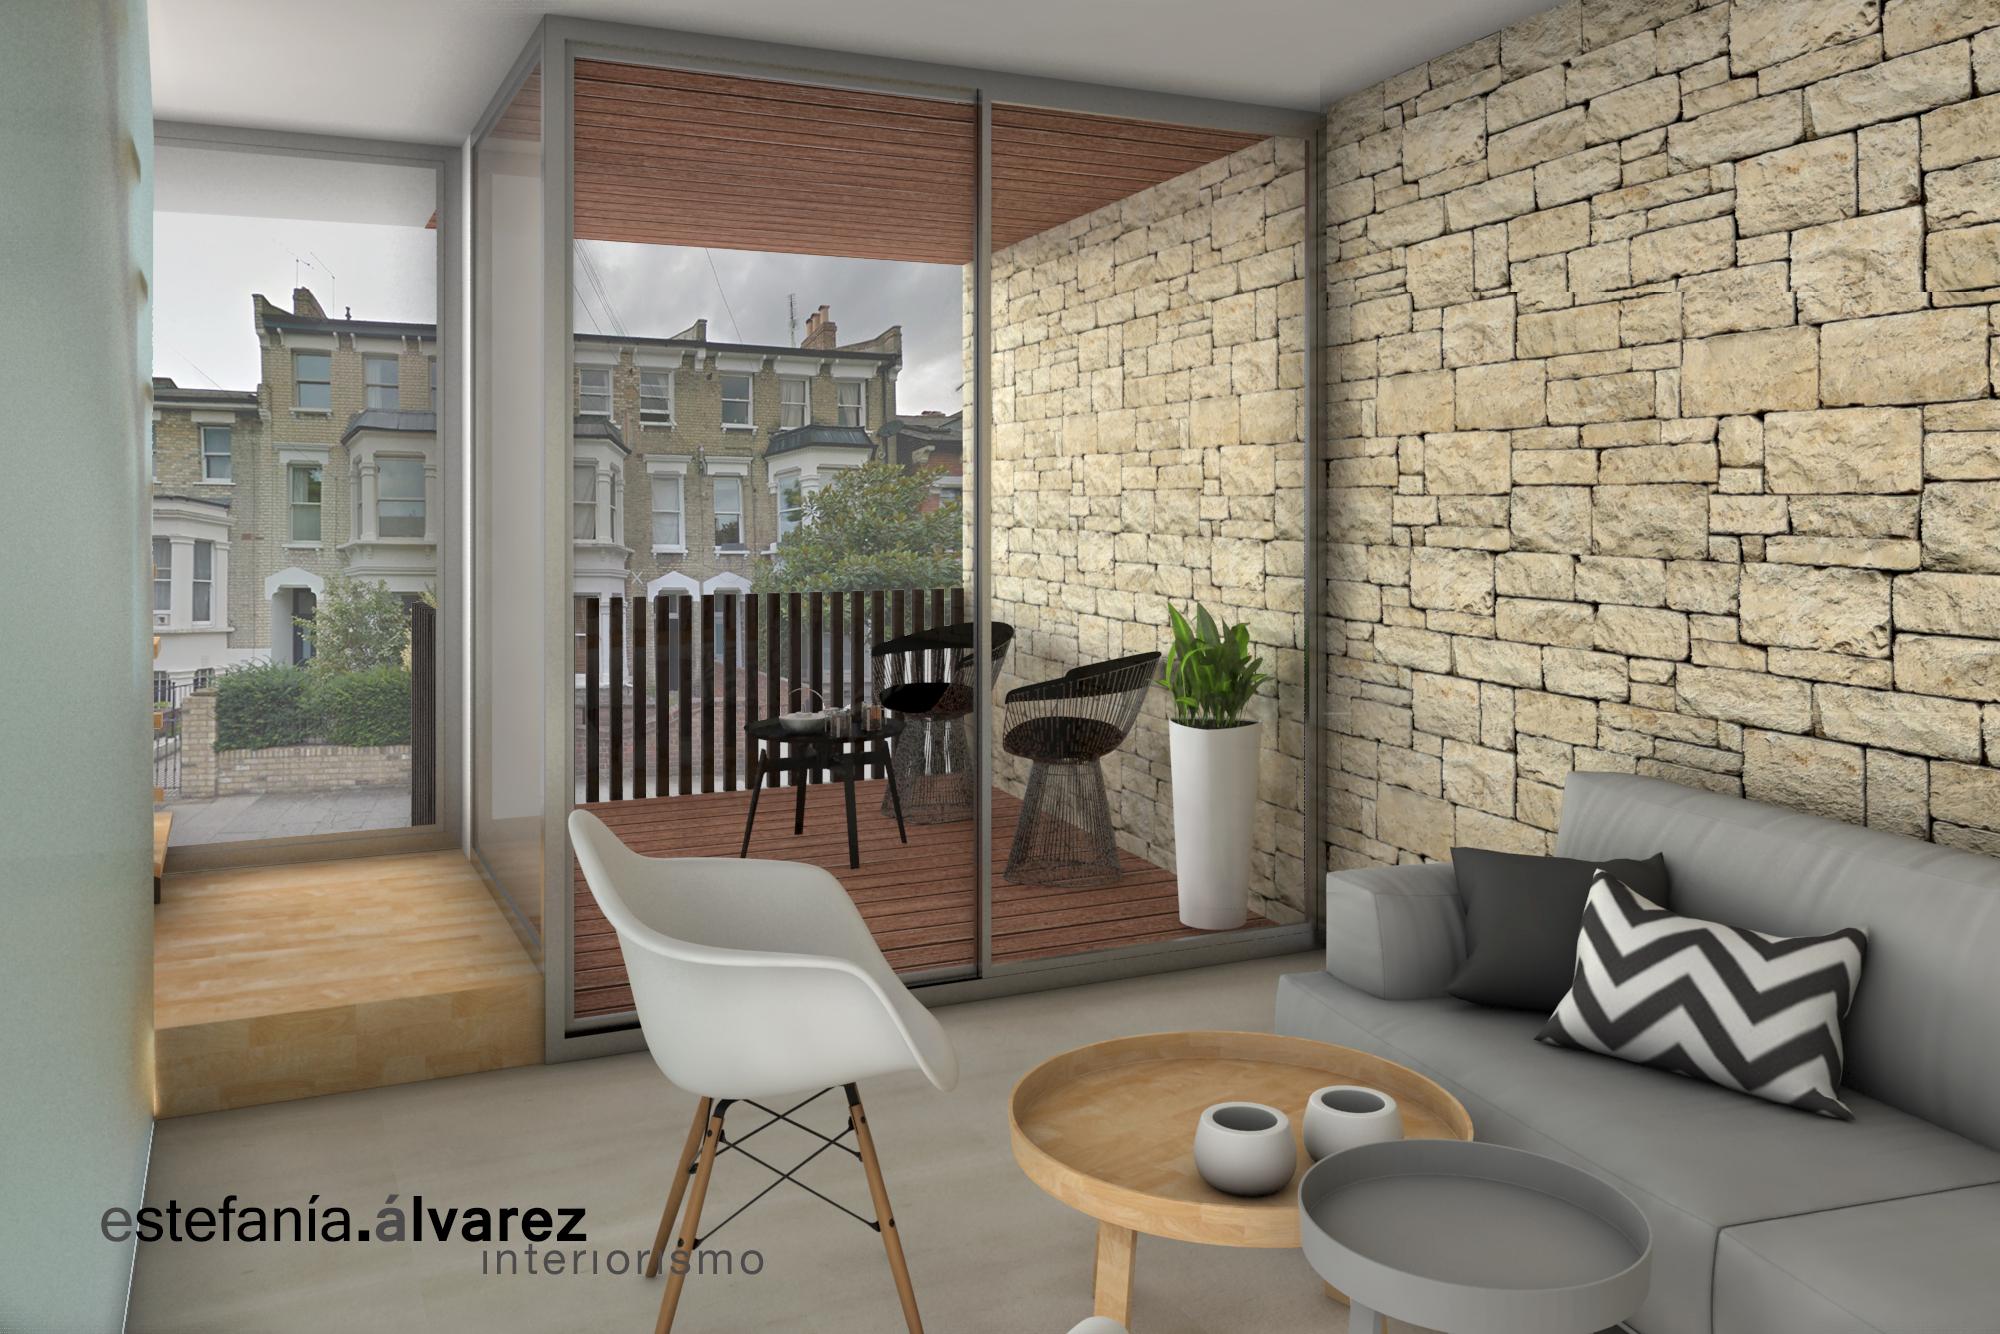 imagen de un salón de estilo nórdico que da a una terraza